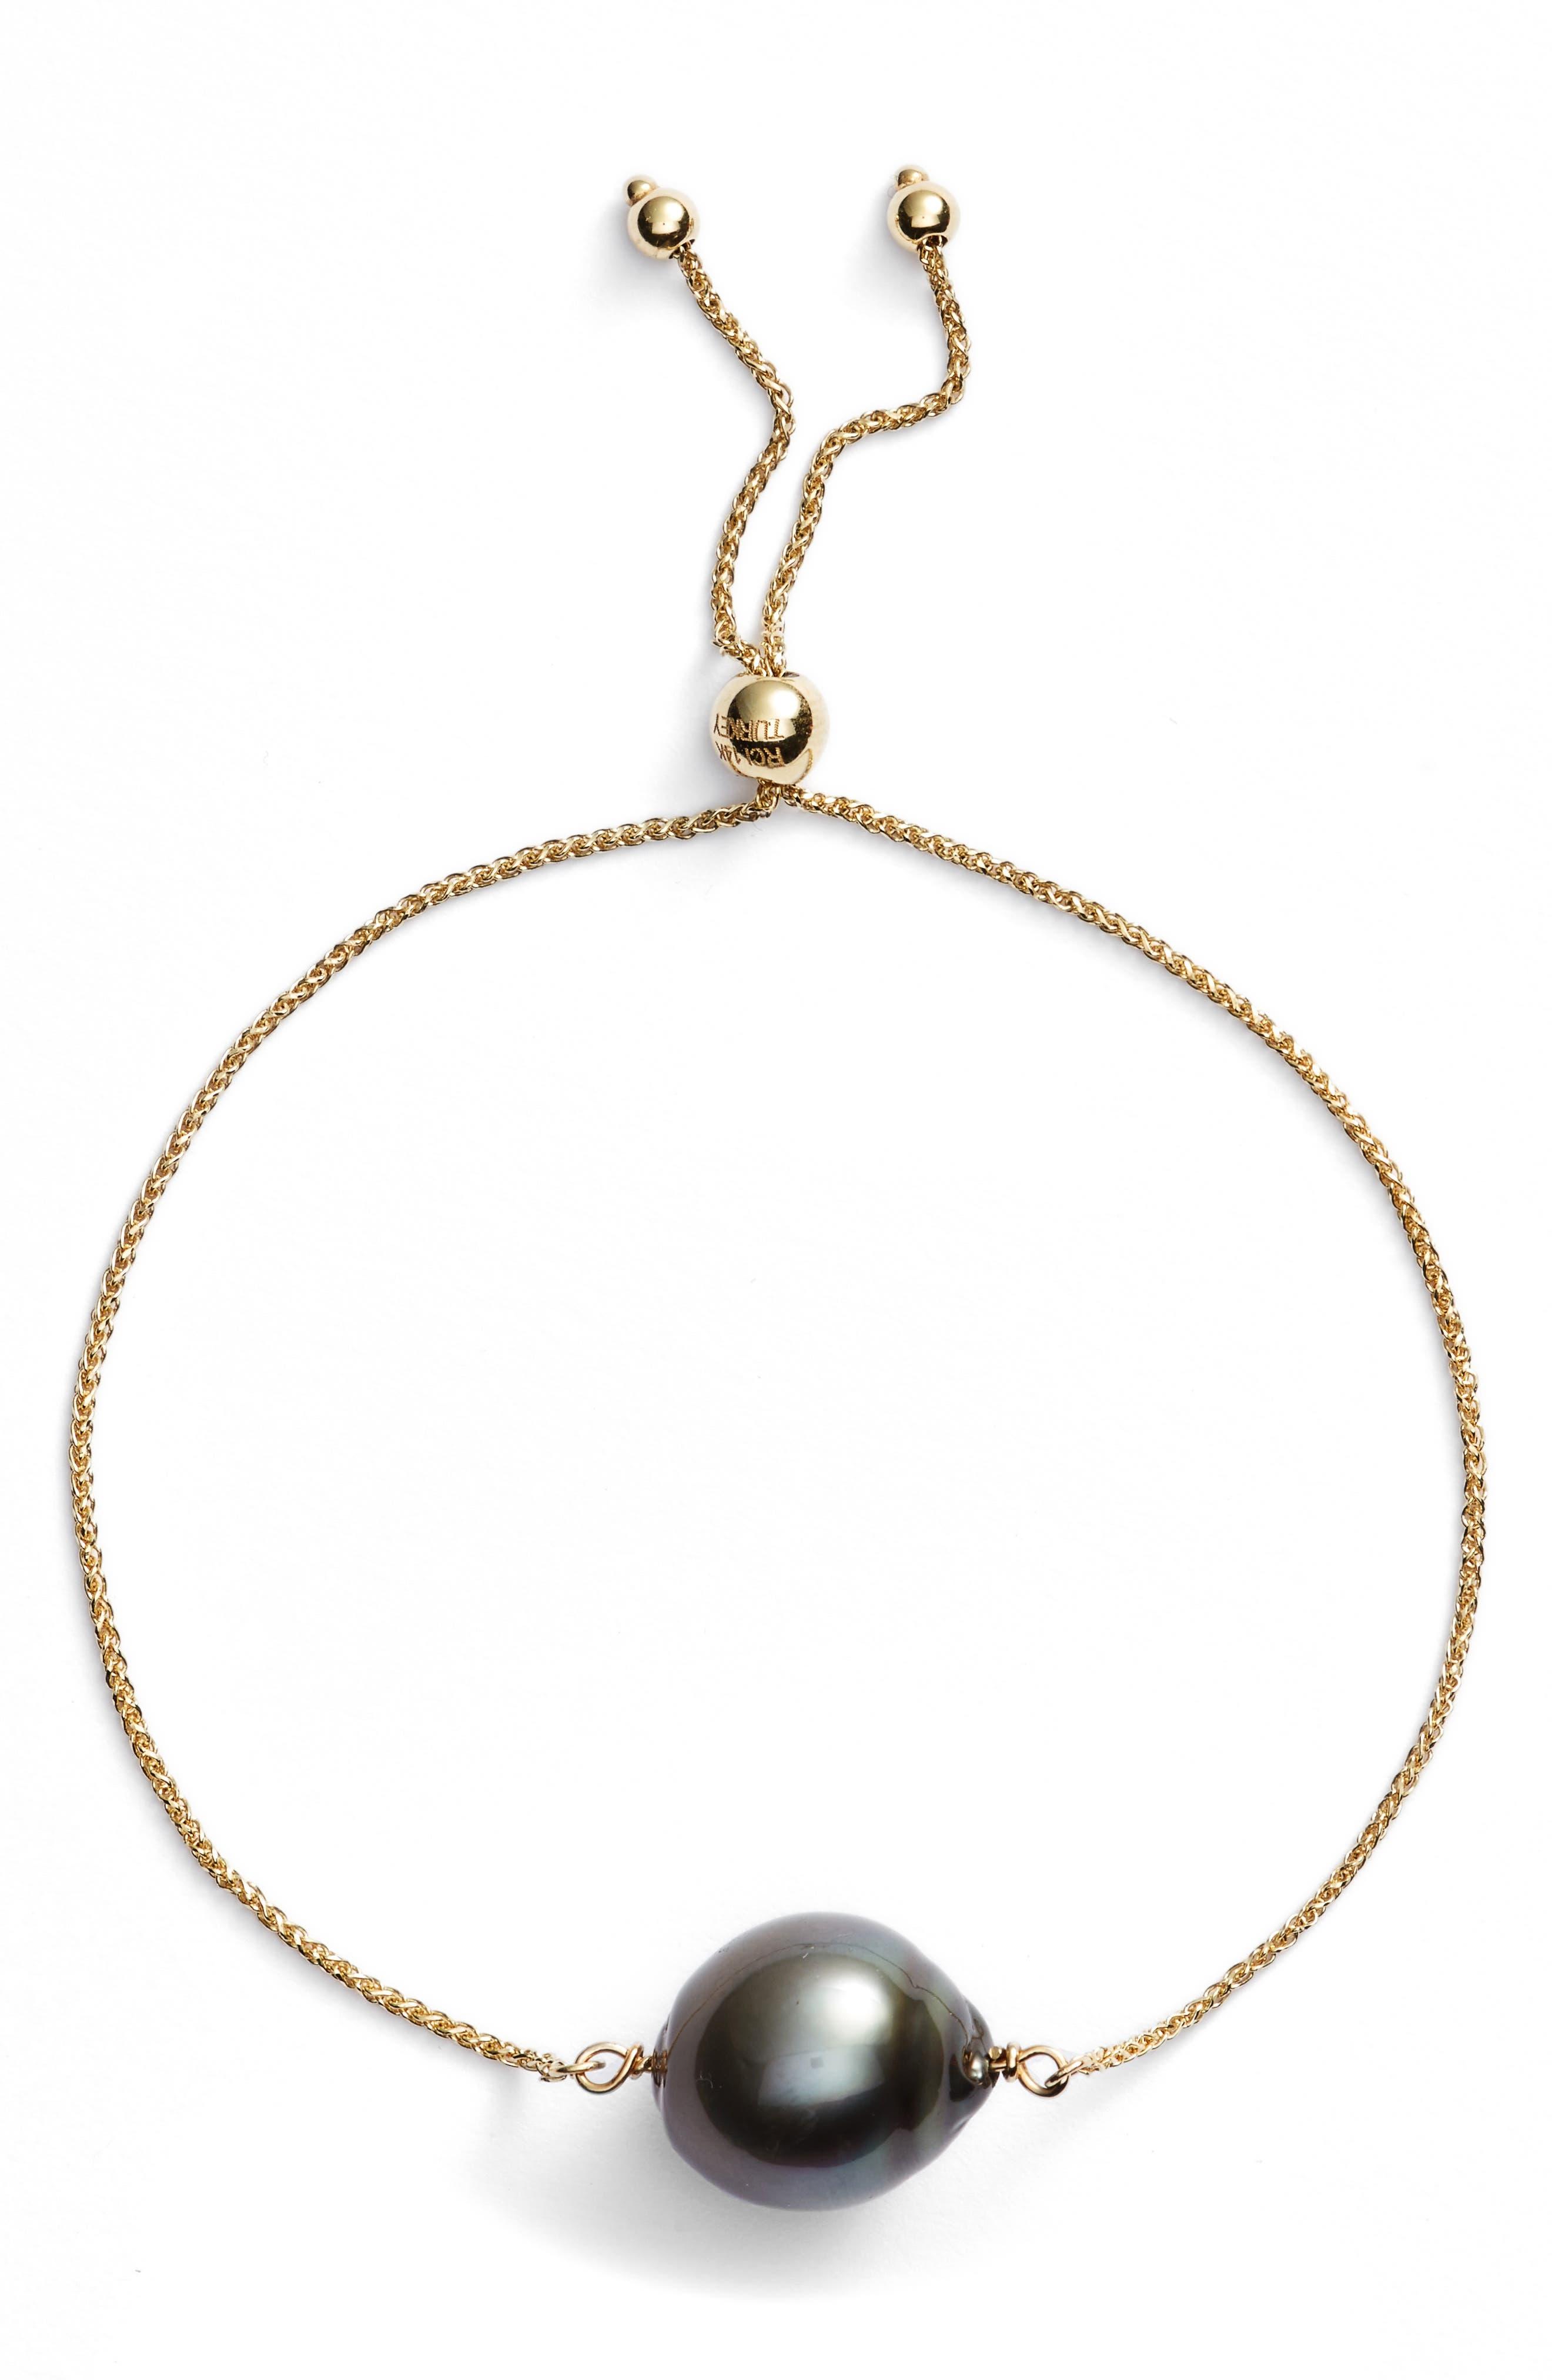 Poppy Finch Baroque Pearl Friendship Bracelet